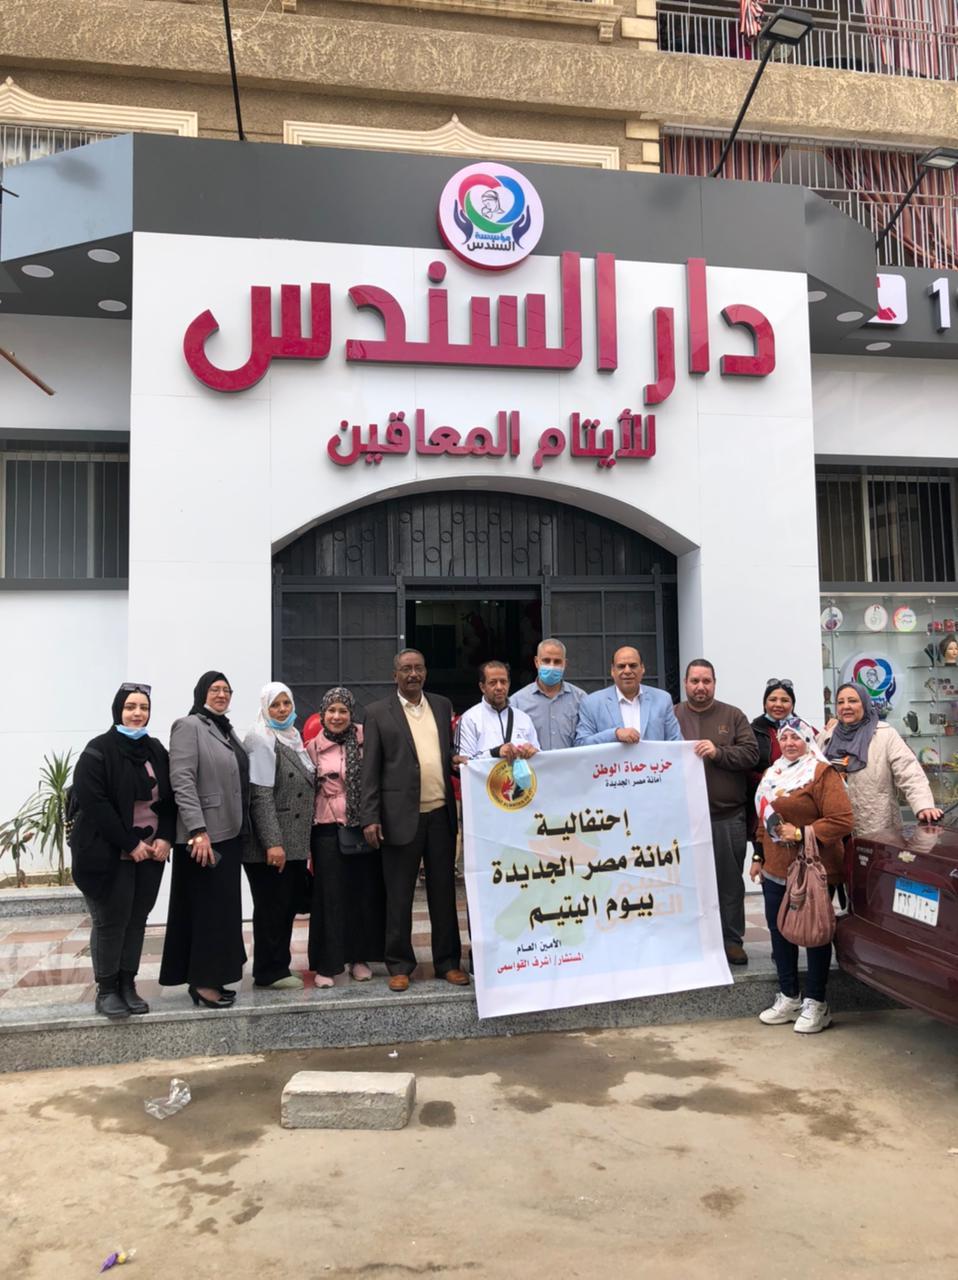 """امانة مصر الجديدة بـحزب """"حماة وطن"""" تحتفل بيوم اليتيم"""